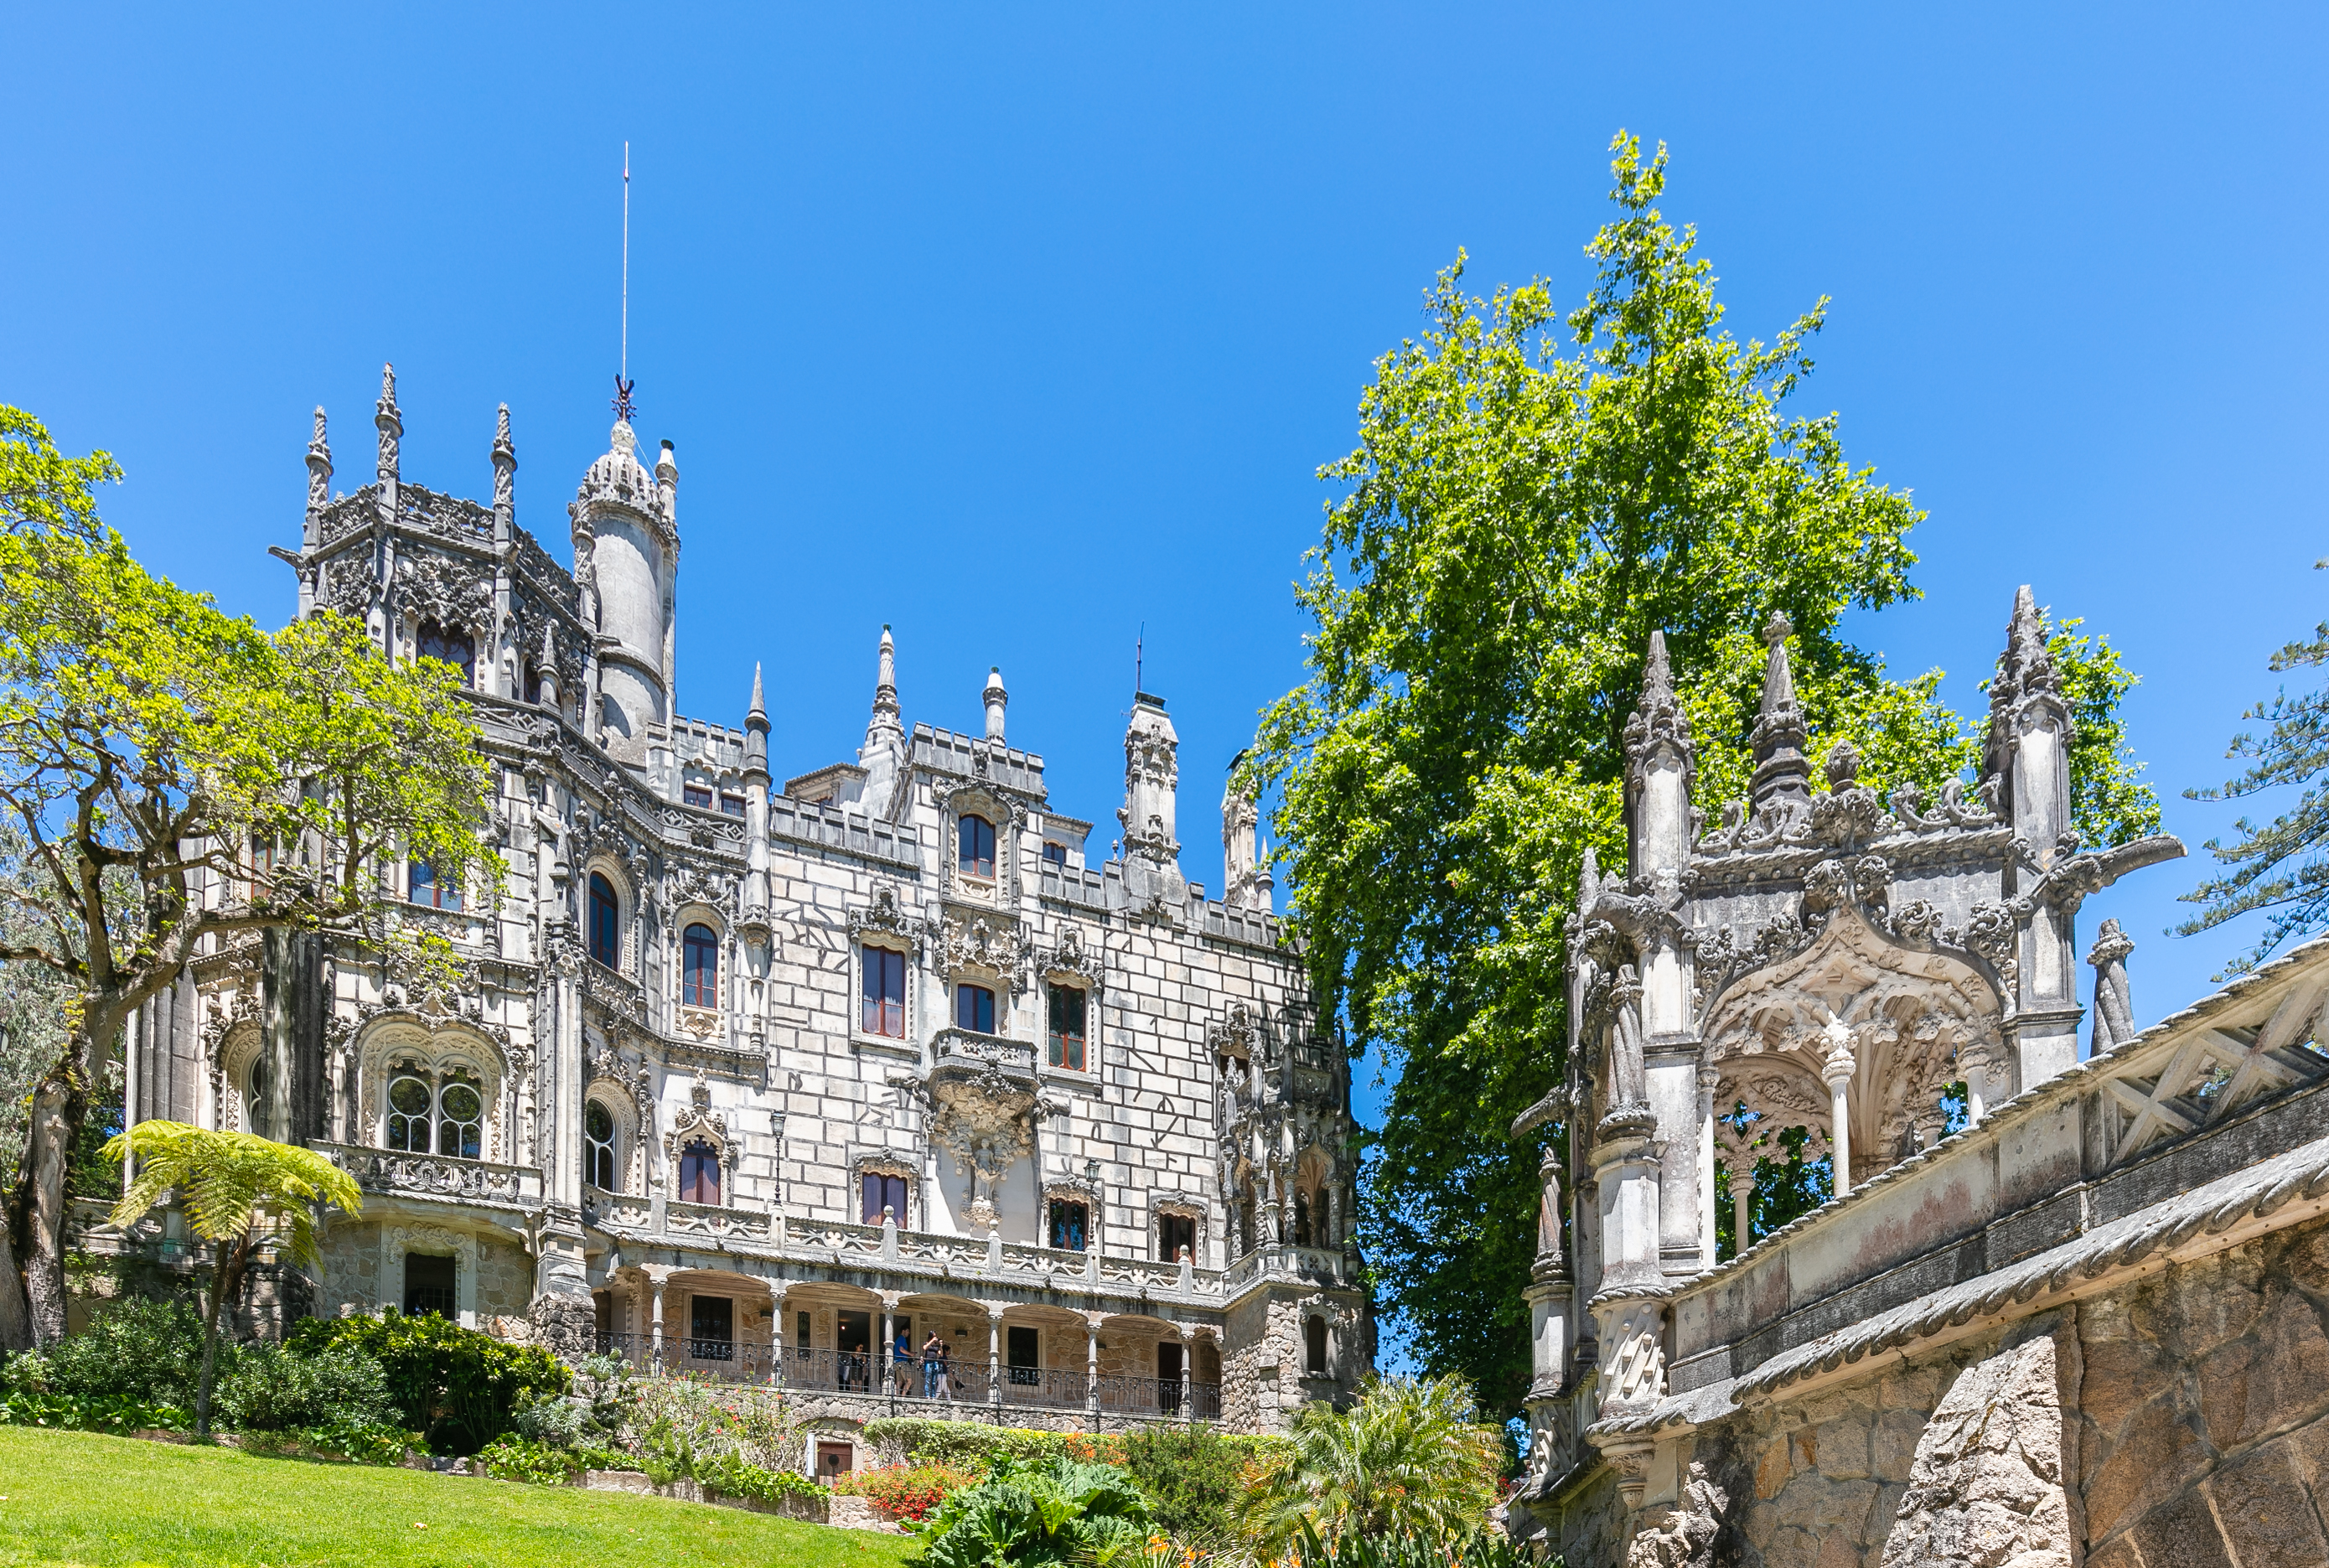 Ficheiro:Quinta Da Regaleira, Sintra, Portugal, 2019-05-25